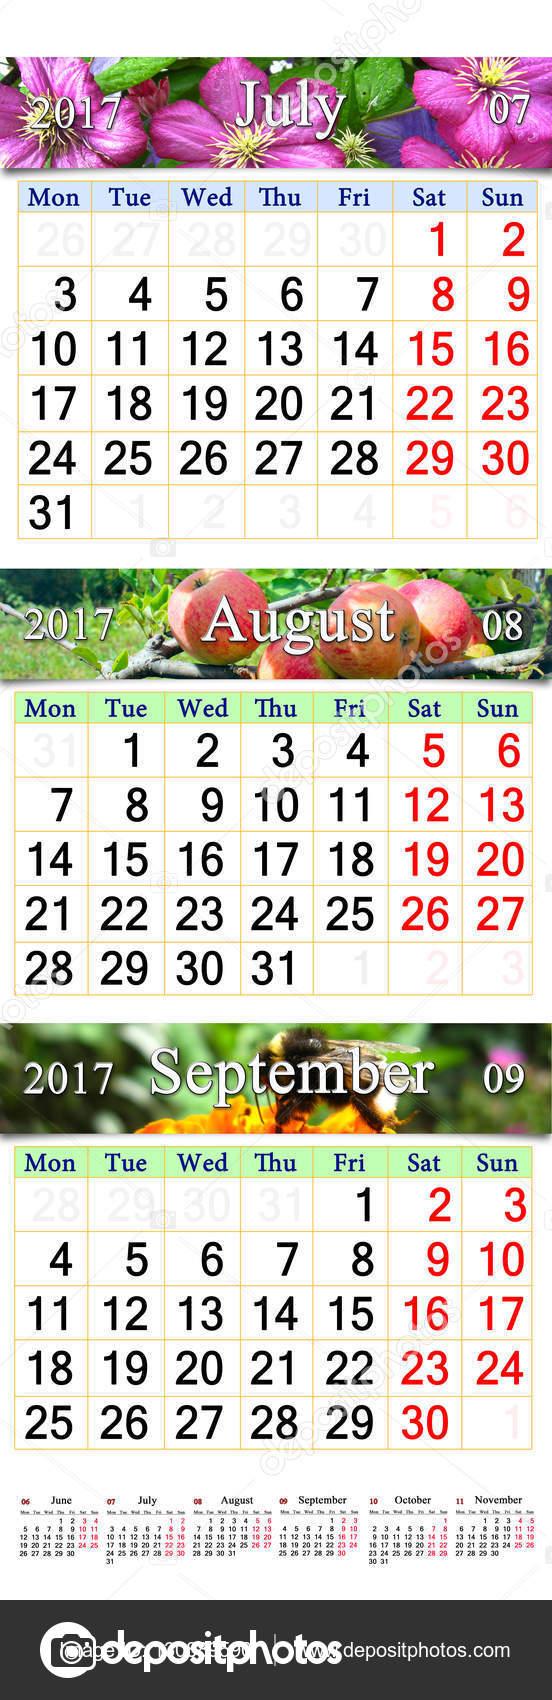 Calendario Luglio Agosto.Calendario Per Luglio Agosto Settembre 2017 Con Tre Immagini